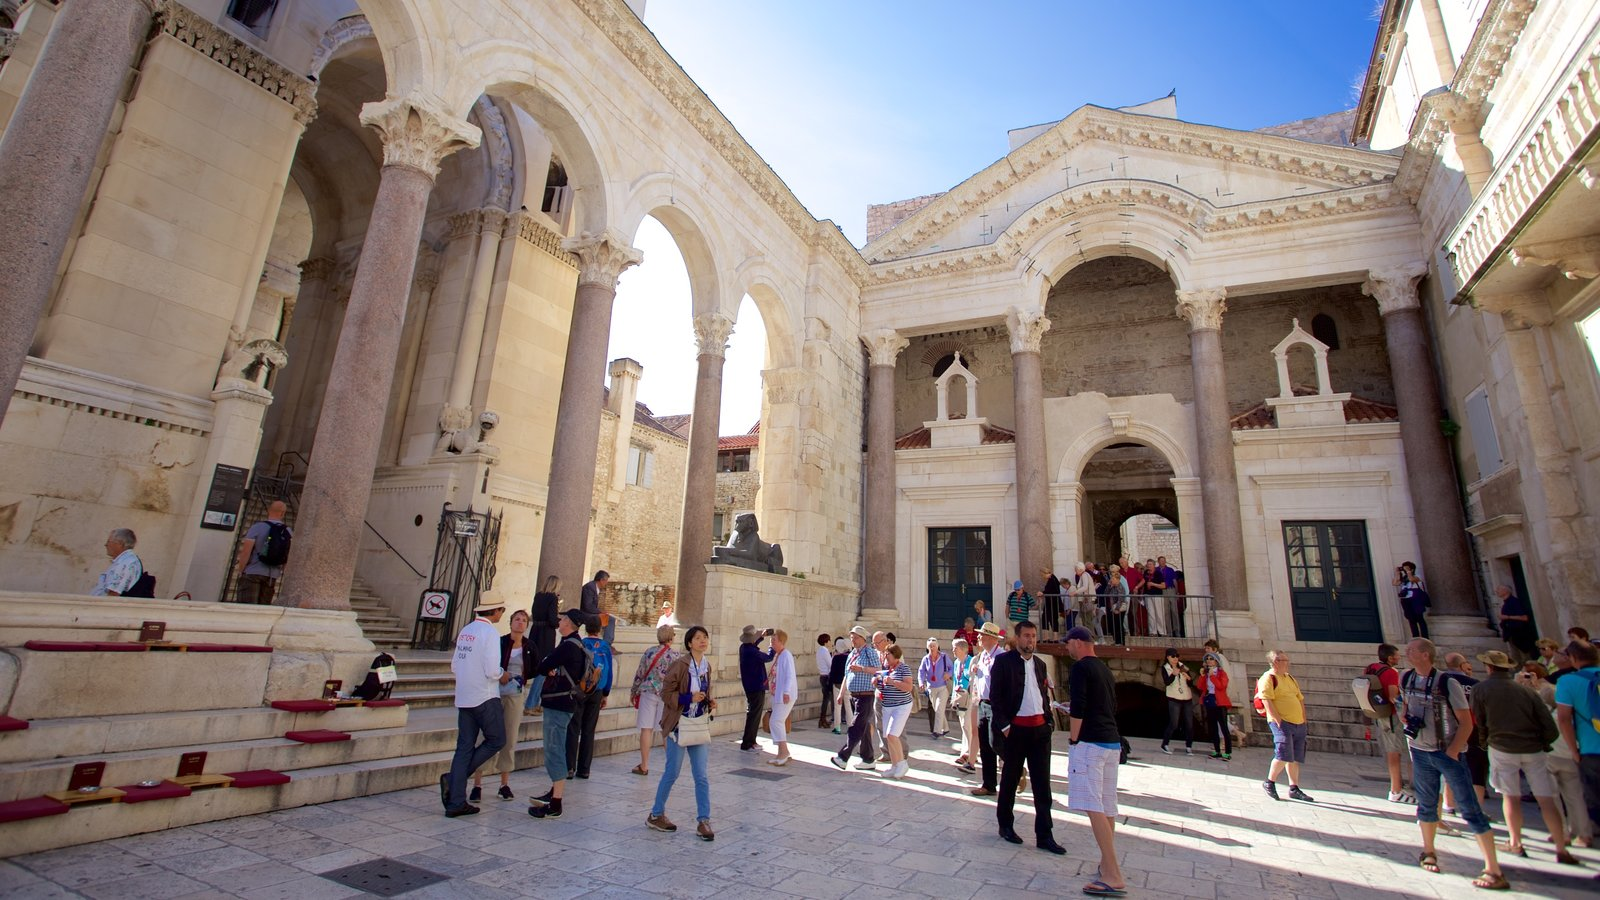 Palacio de Diocleciano que incluye un parque o plaza y también un gran grupo de personas